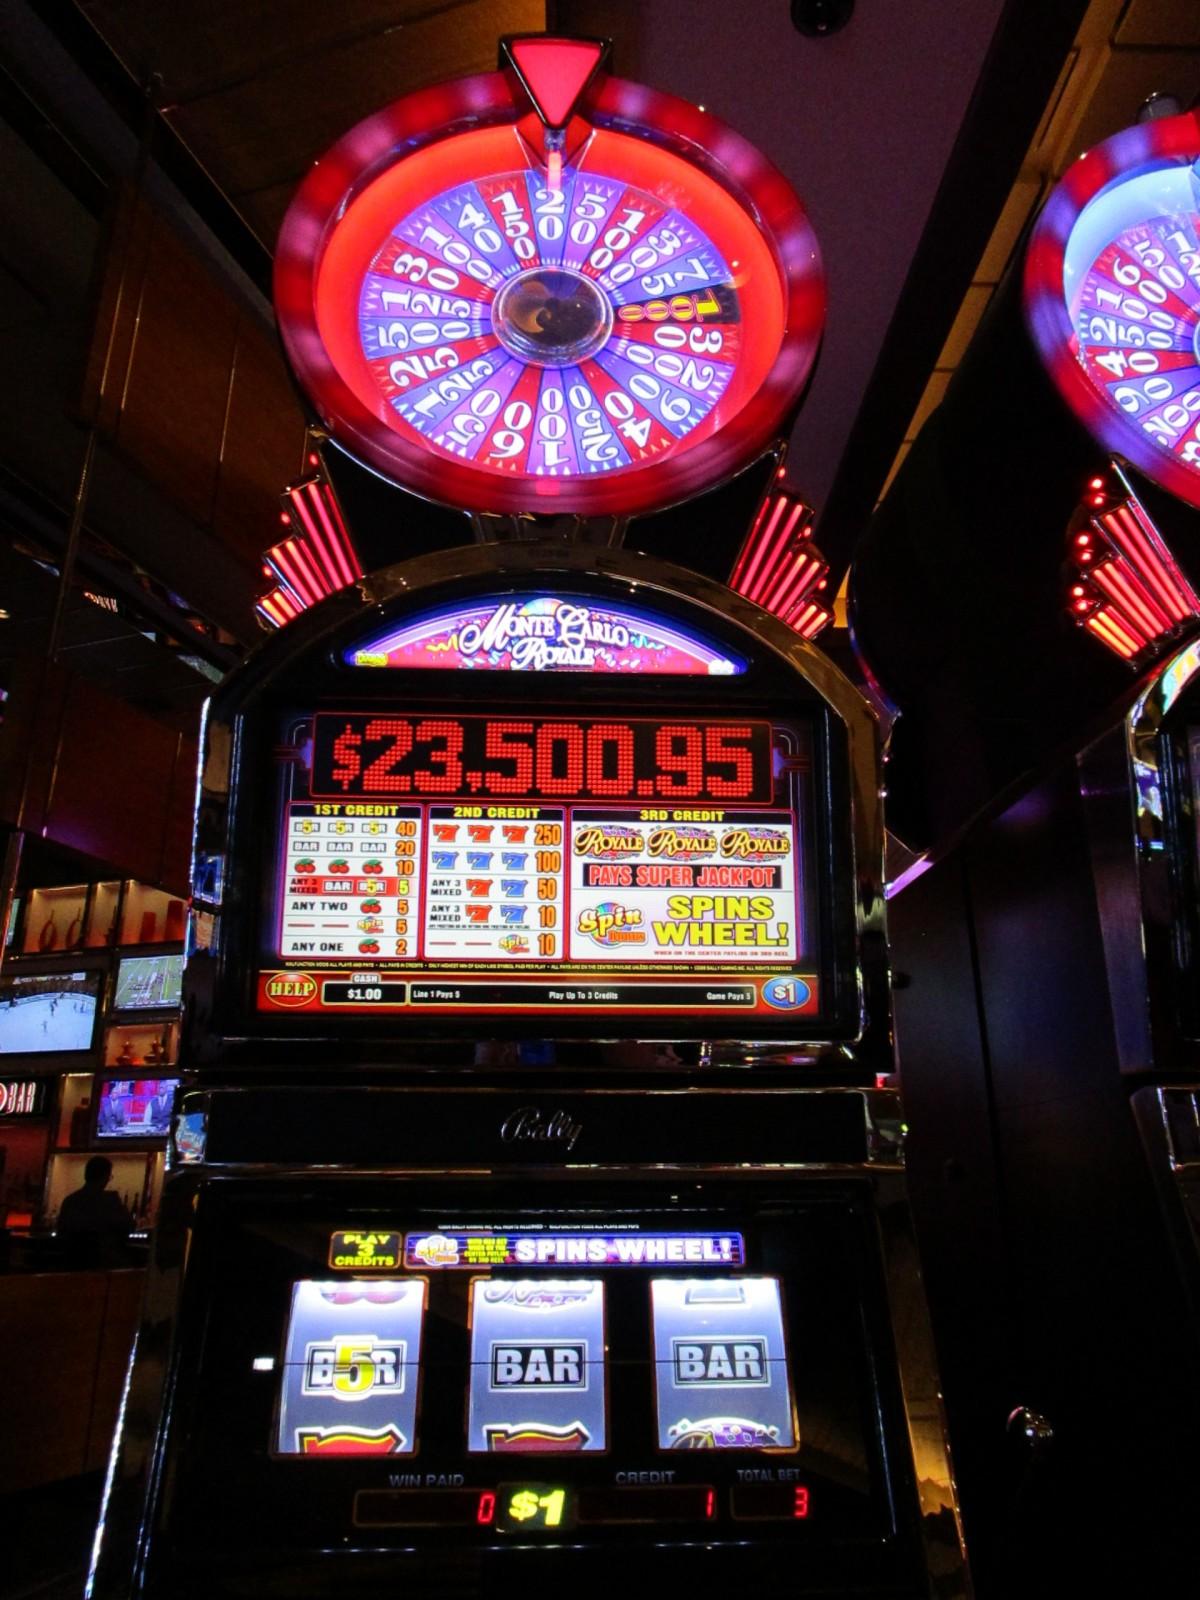 Juego de yumanyi webMoney casino 889750